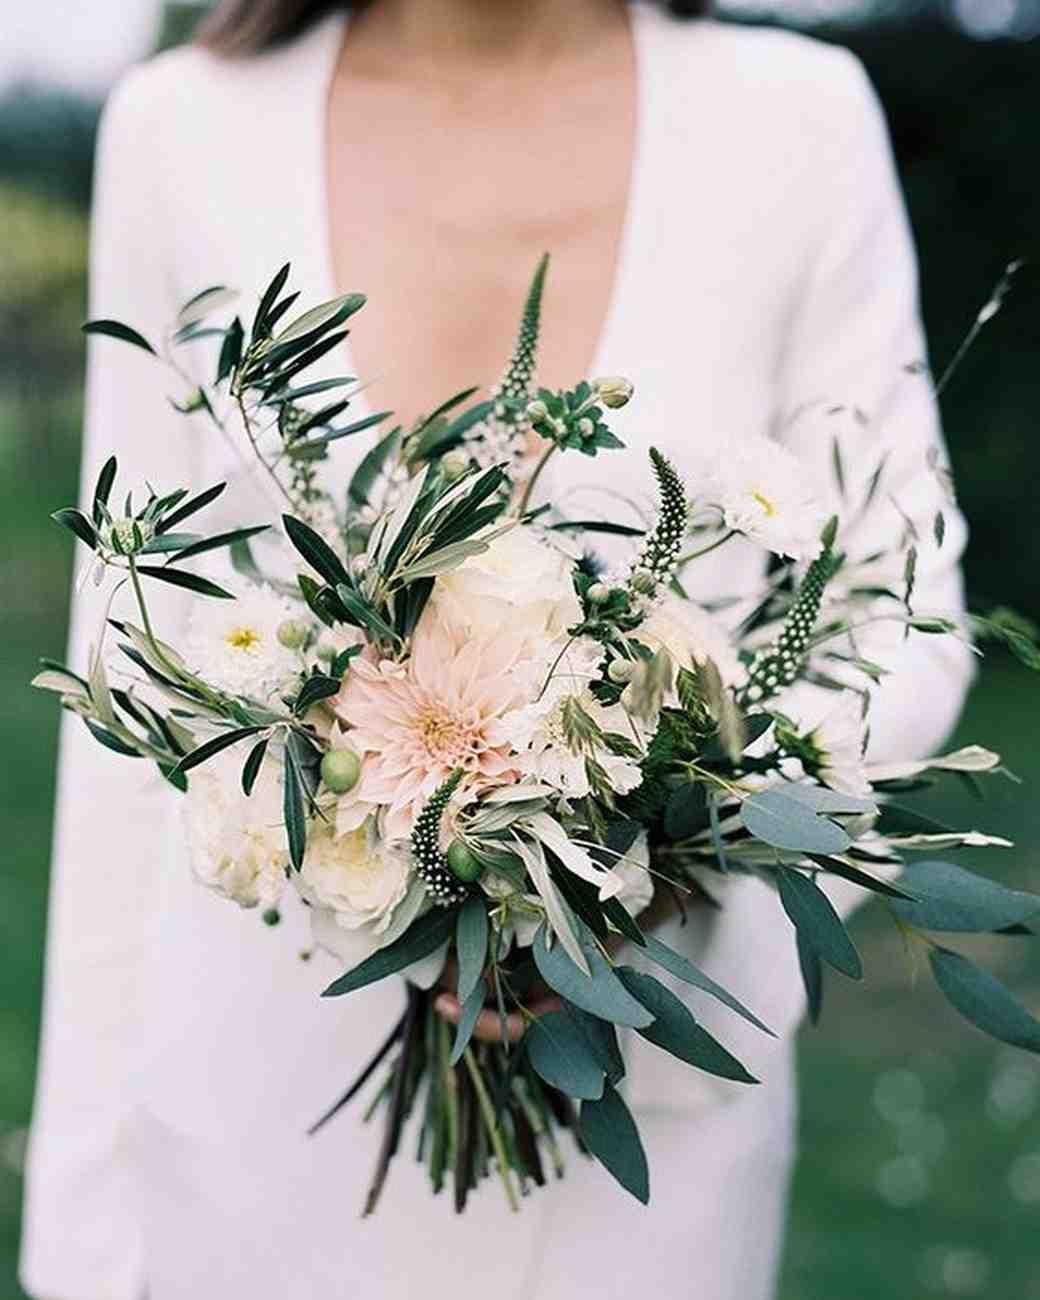 10 Stunning Dahlia Wedding Bouquets: 38 Dreamy Dahlia Wedding Bouquets